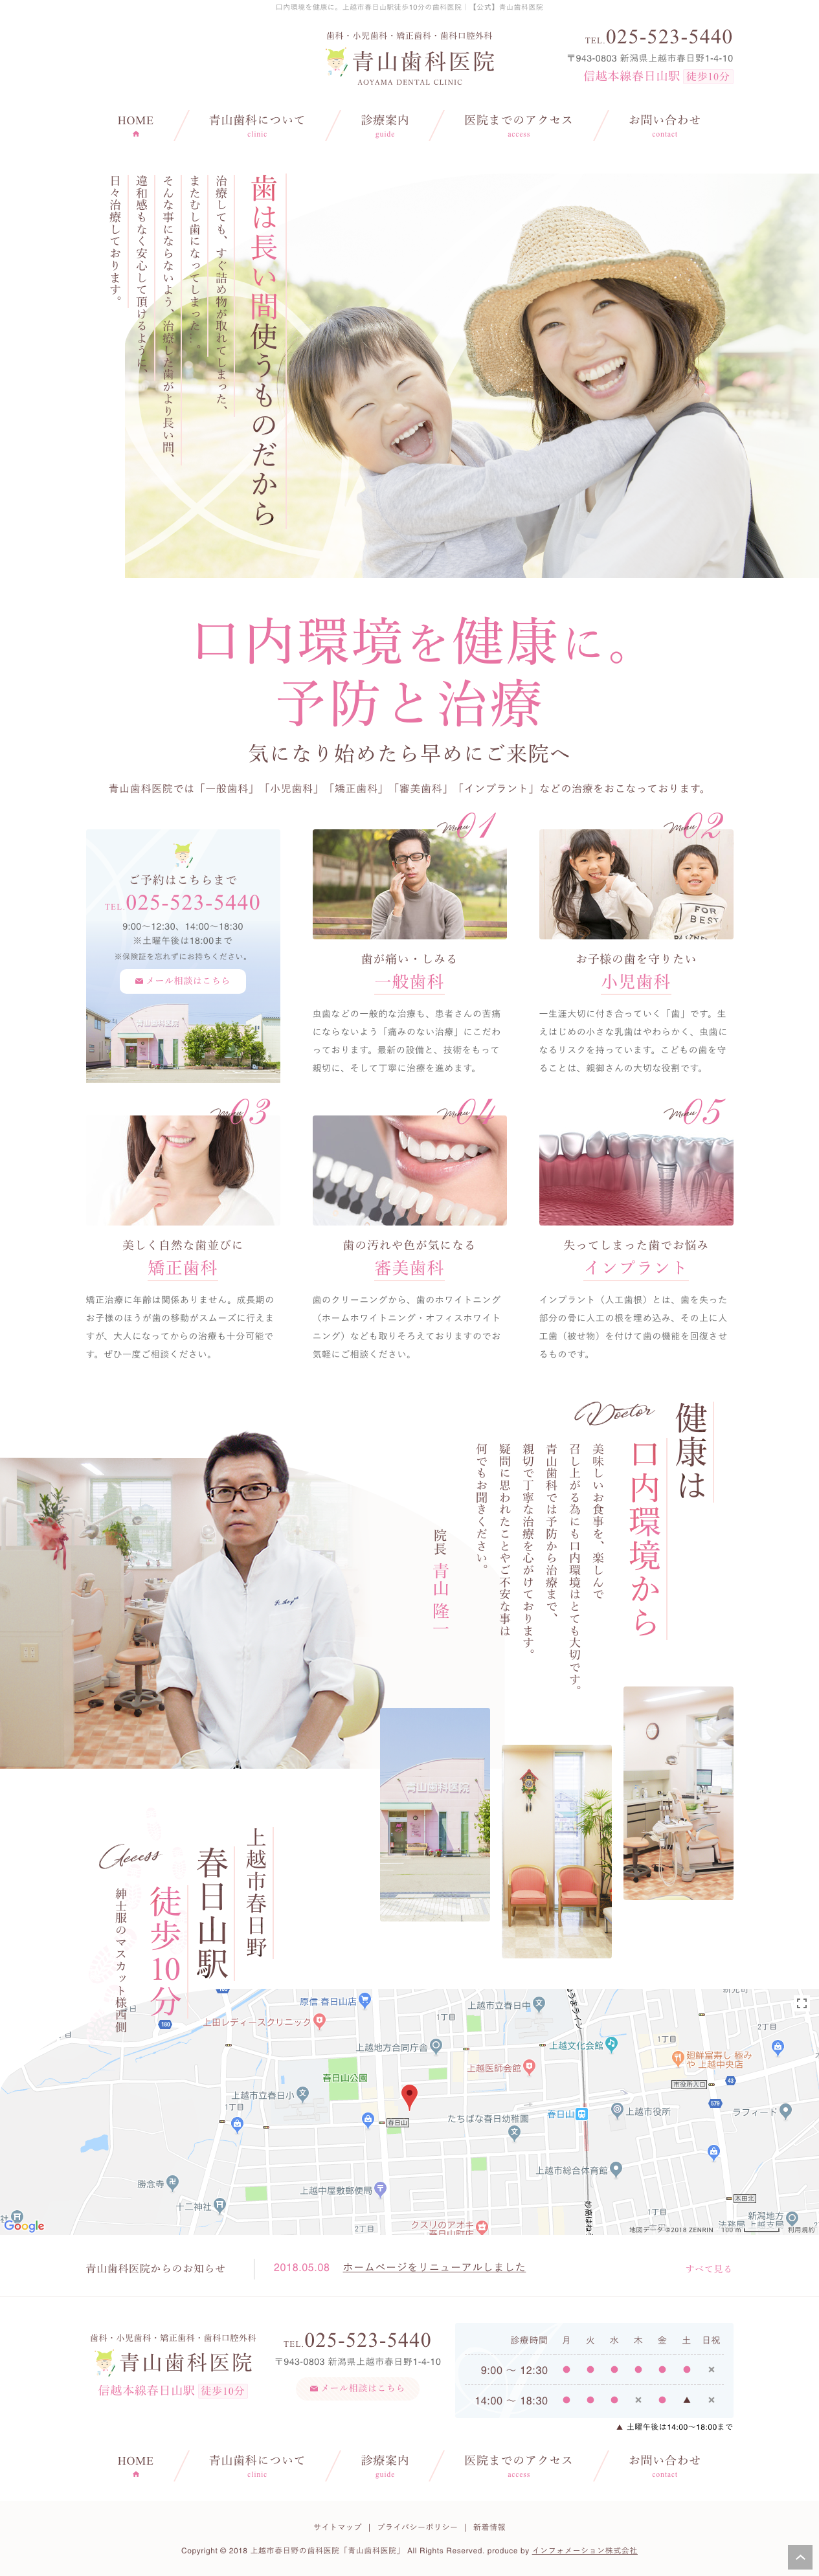 ホームページ制作実績:青山歯科医院 様